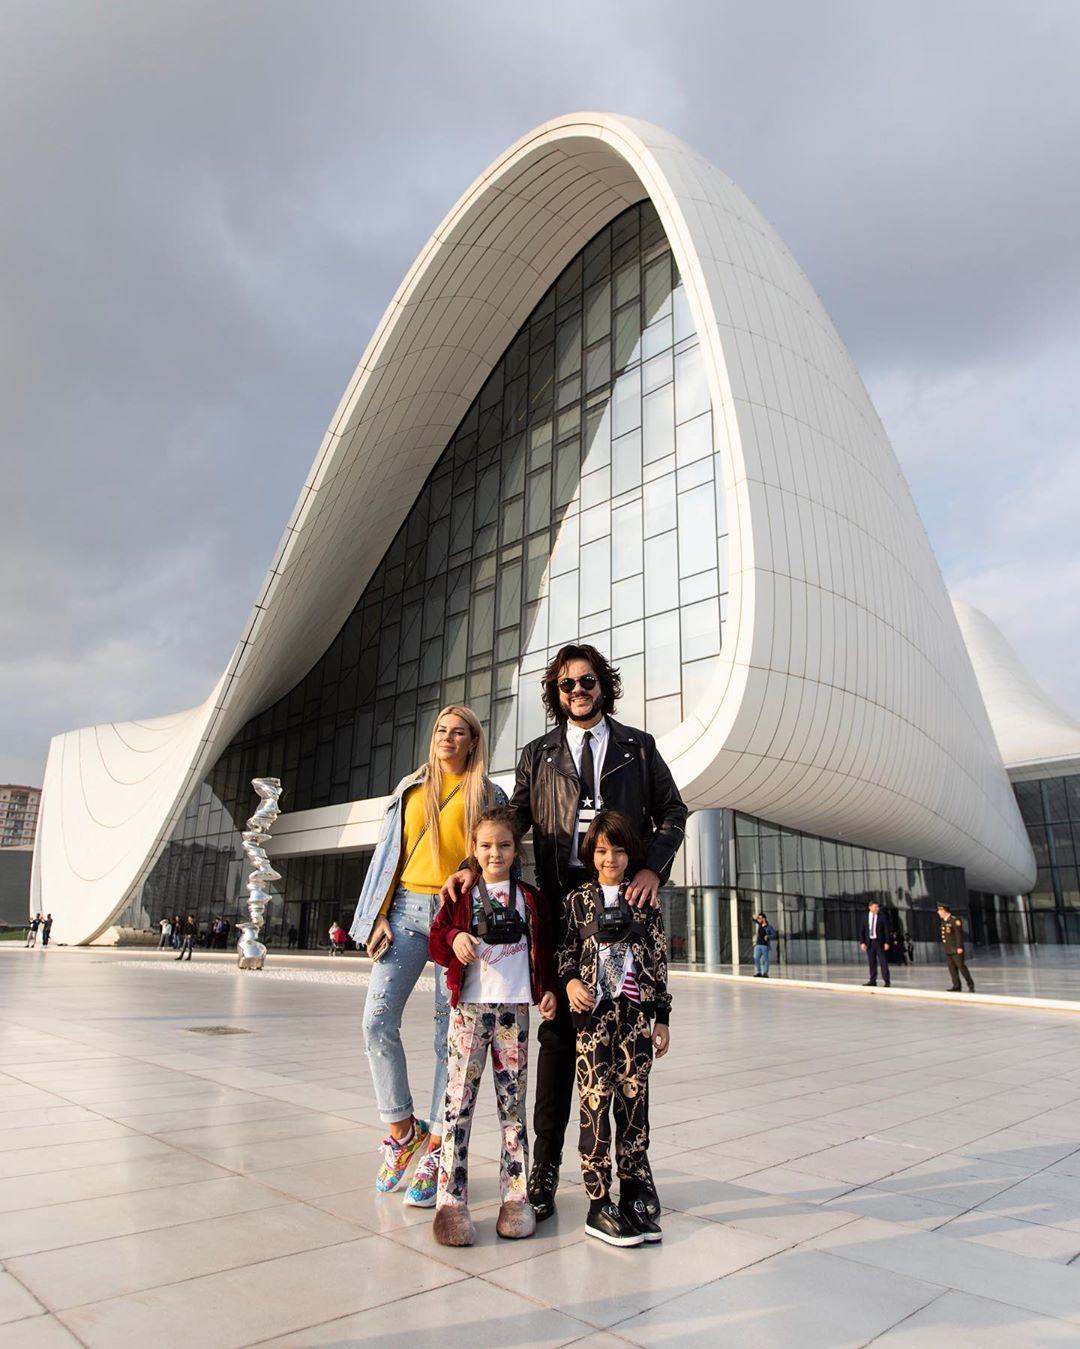 Филипп Киркоров показал, как провел свободное время в Баку (ФОТО)